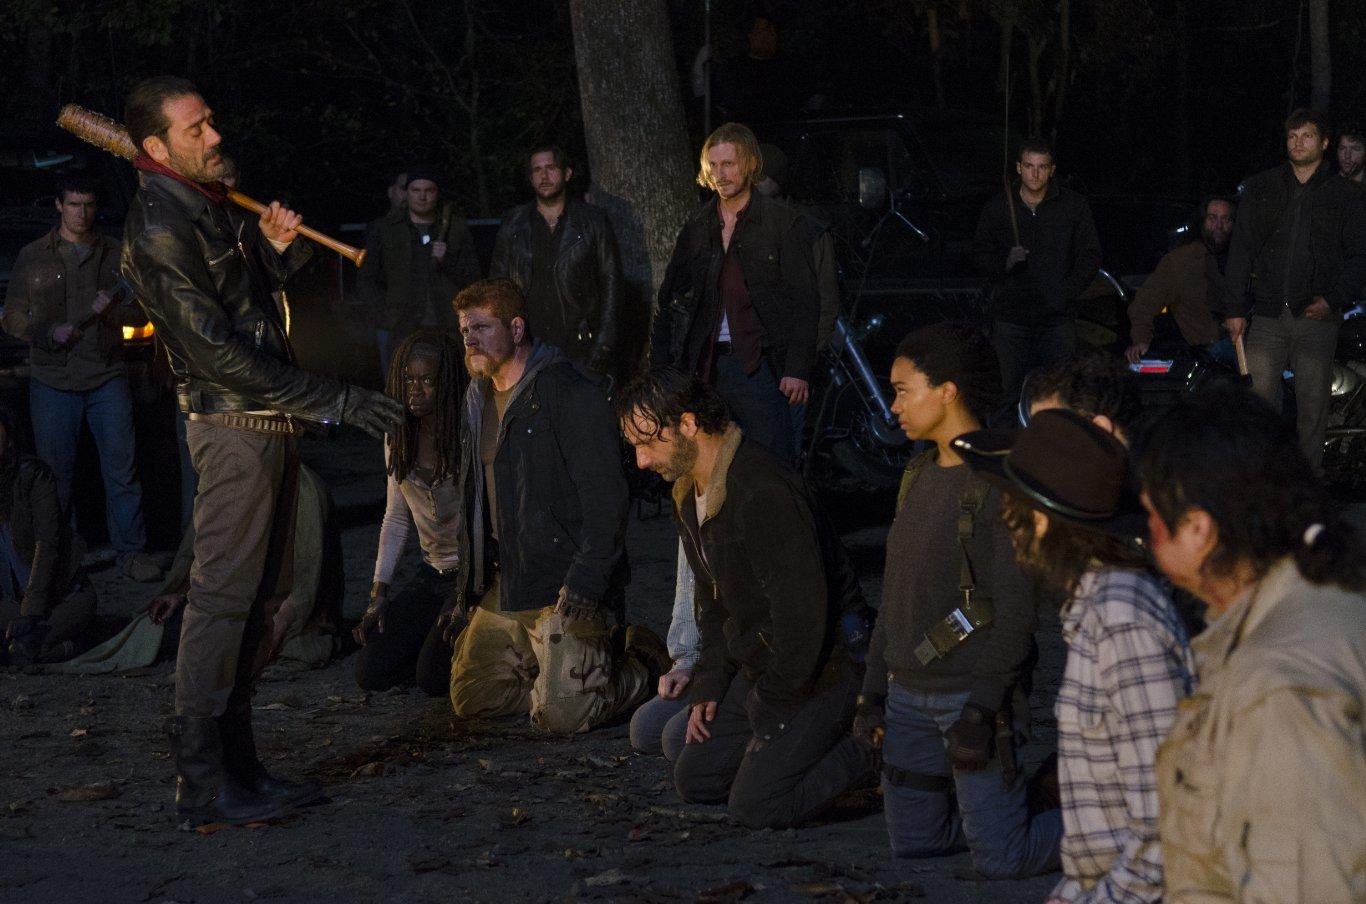 6 сезон 16 серия ходячие мертвецы кого убили в конце